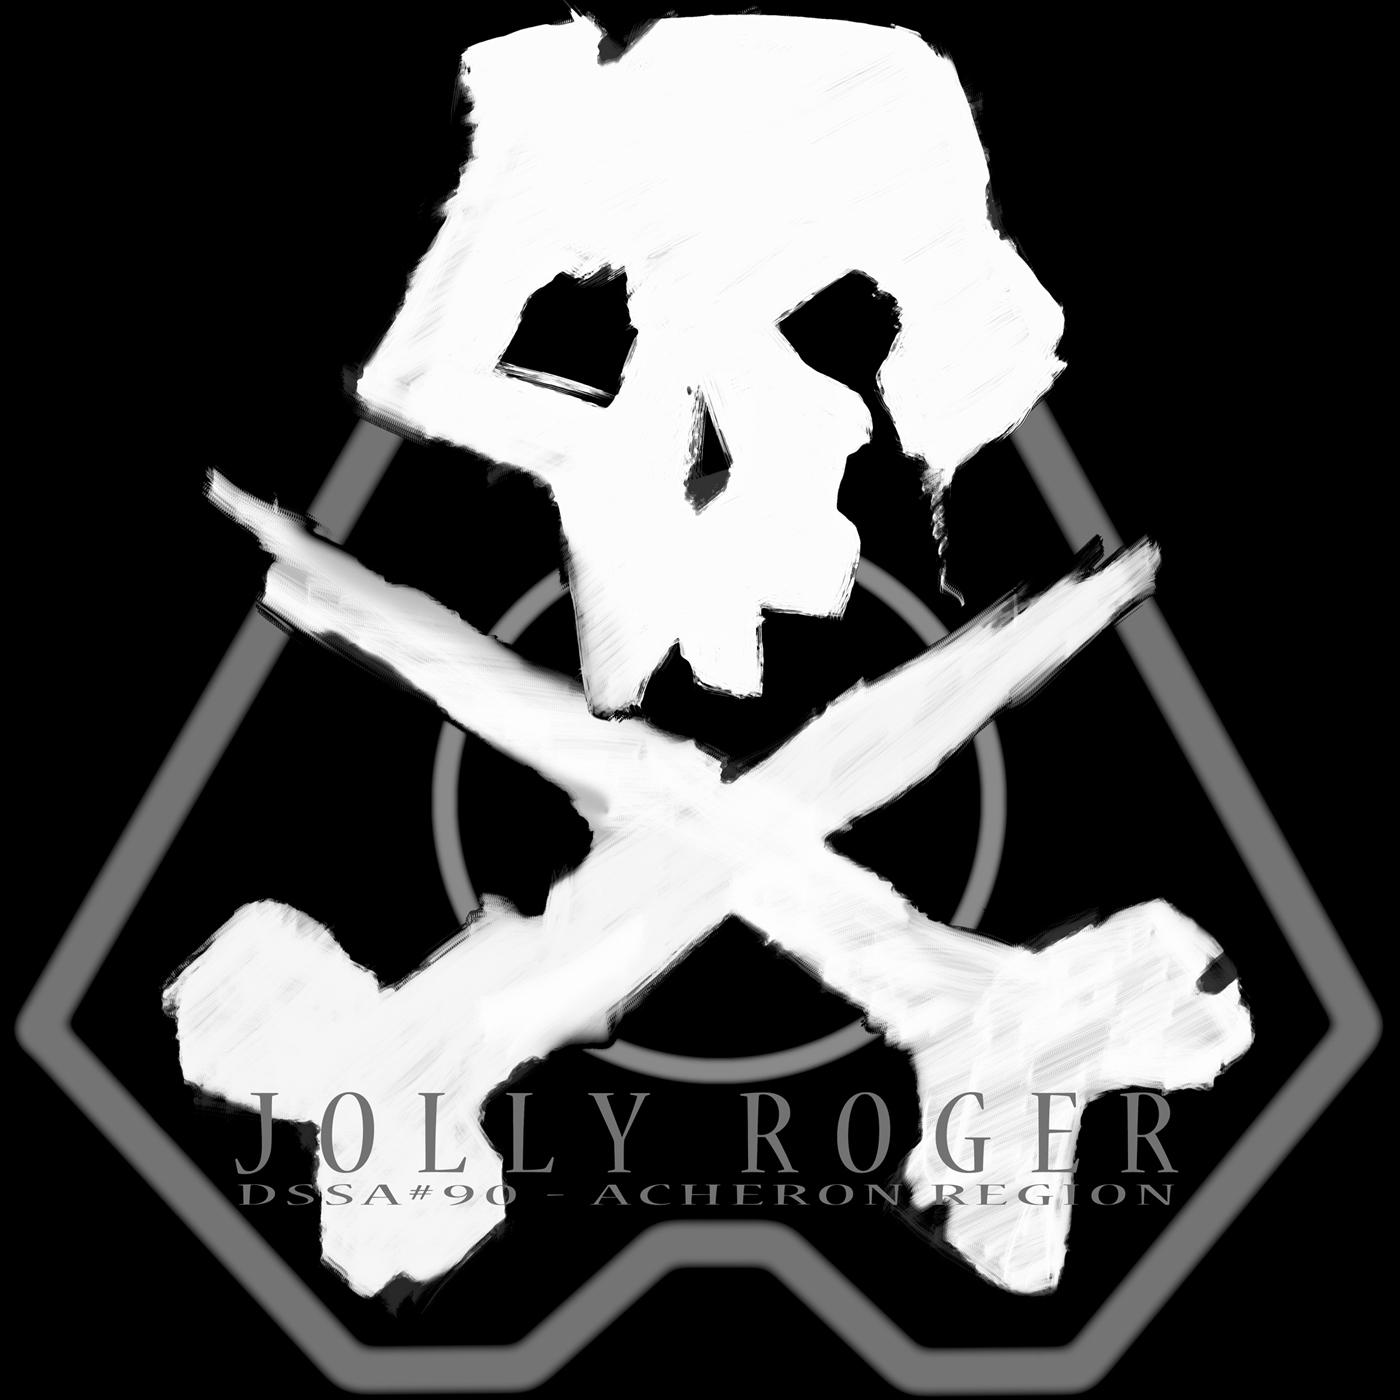 JollyRoger_logo_1400.jpg